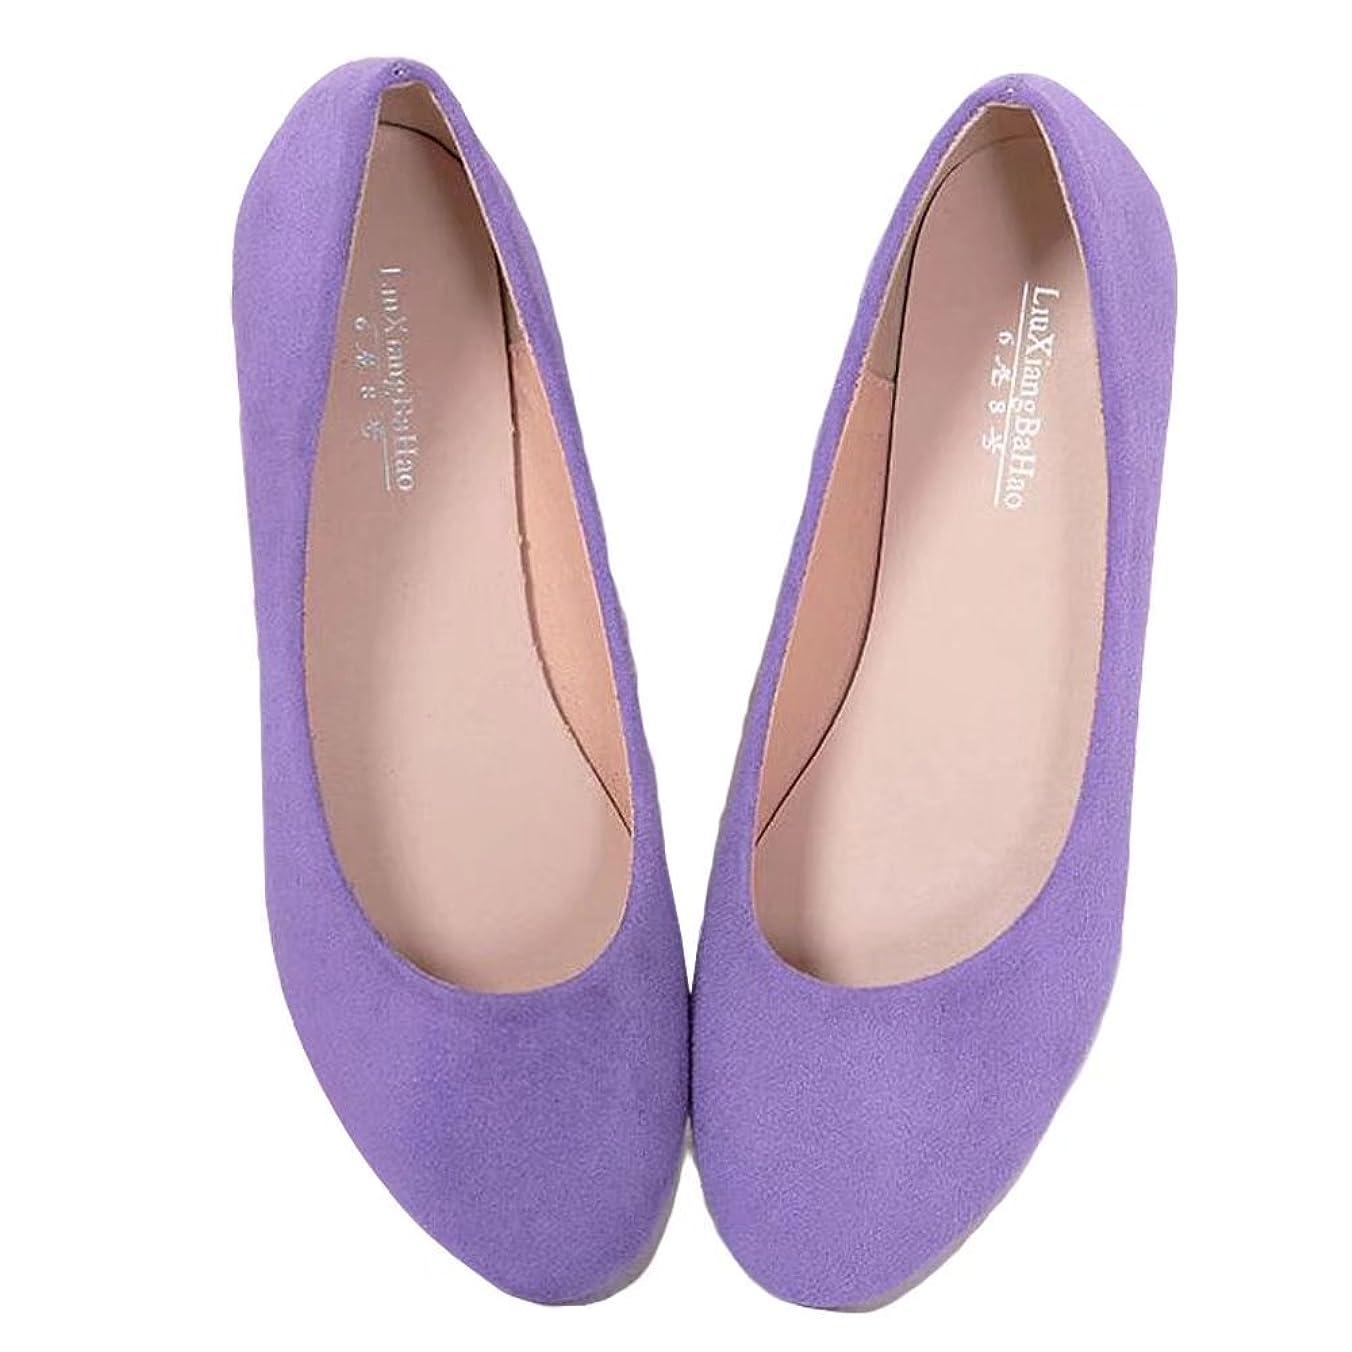 出発皮肉なエンコミウム【ユウエ】パンプス レディース フラットパンプス ローファー ローヒール ぺたんこ フラットシューズ 婦人靴 大きいサイズ 痛くない 014-xz-668-1(40 パープル)